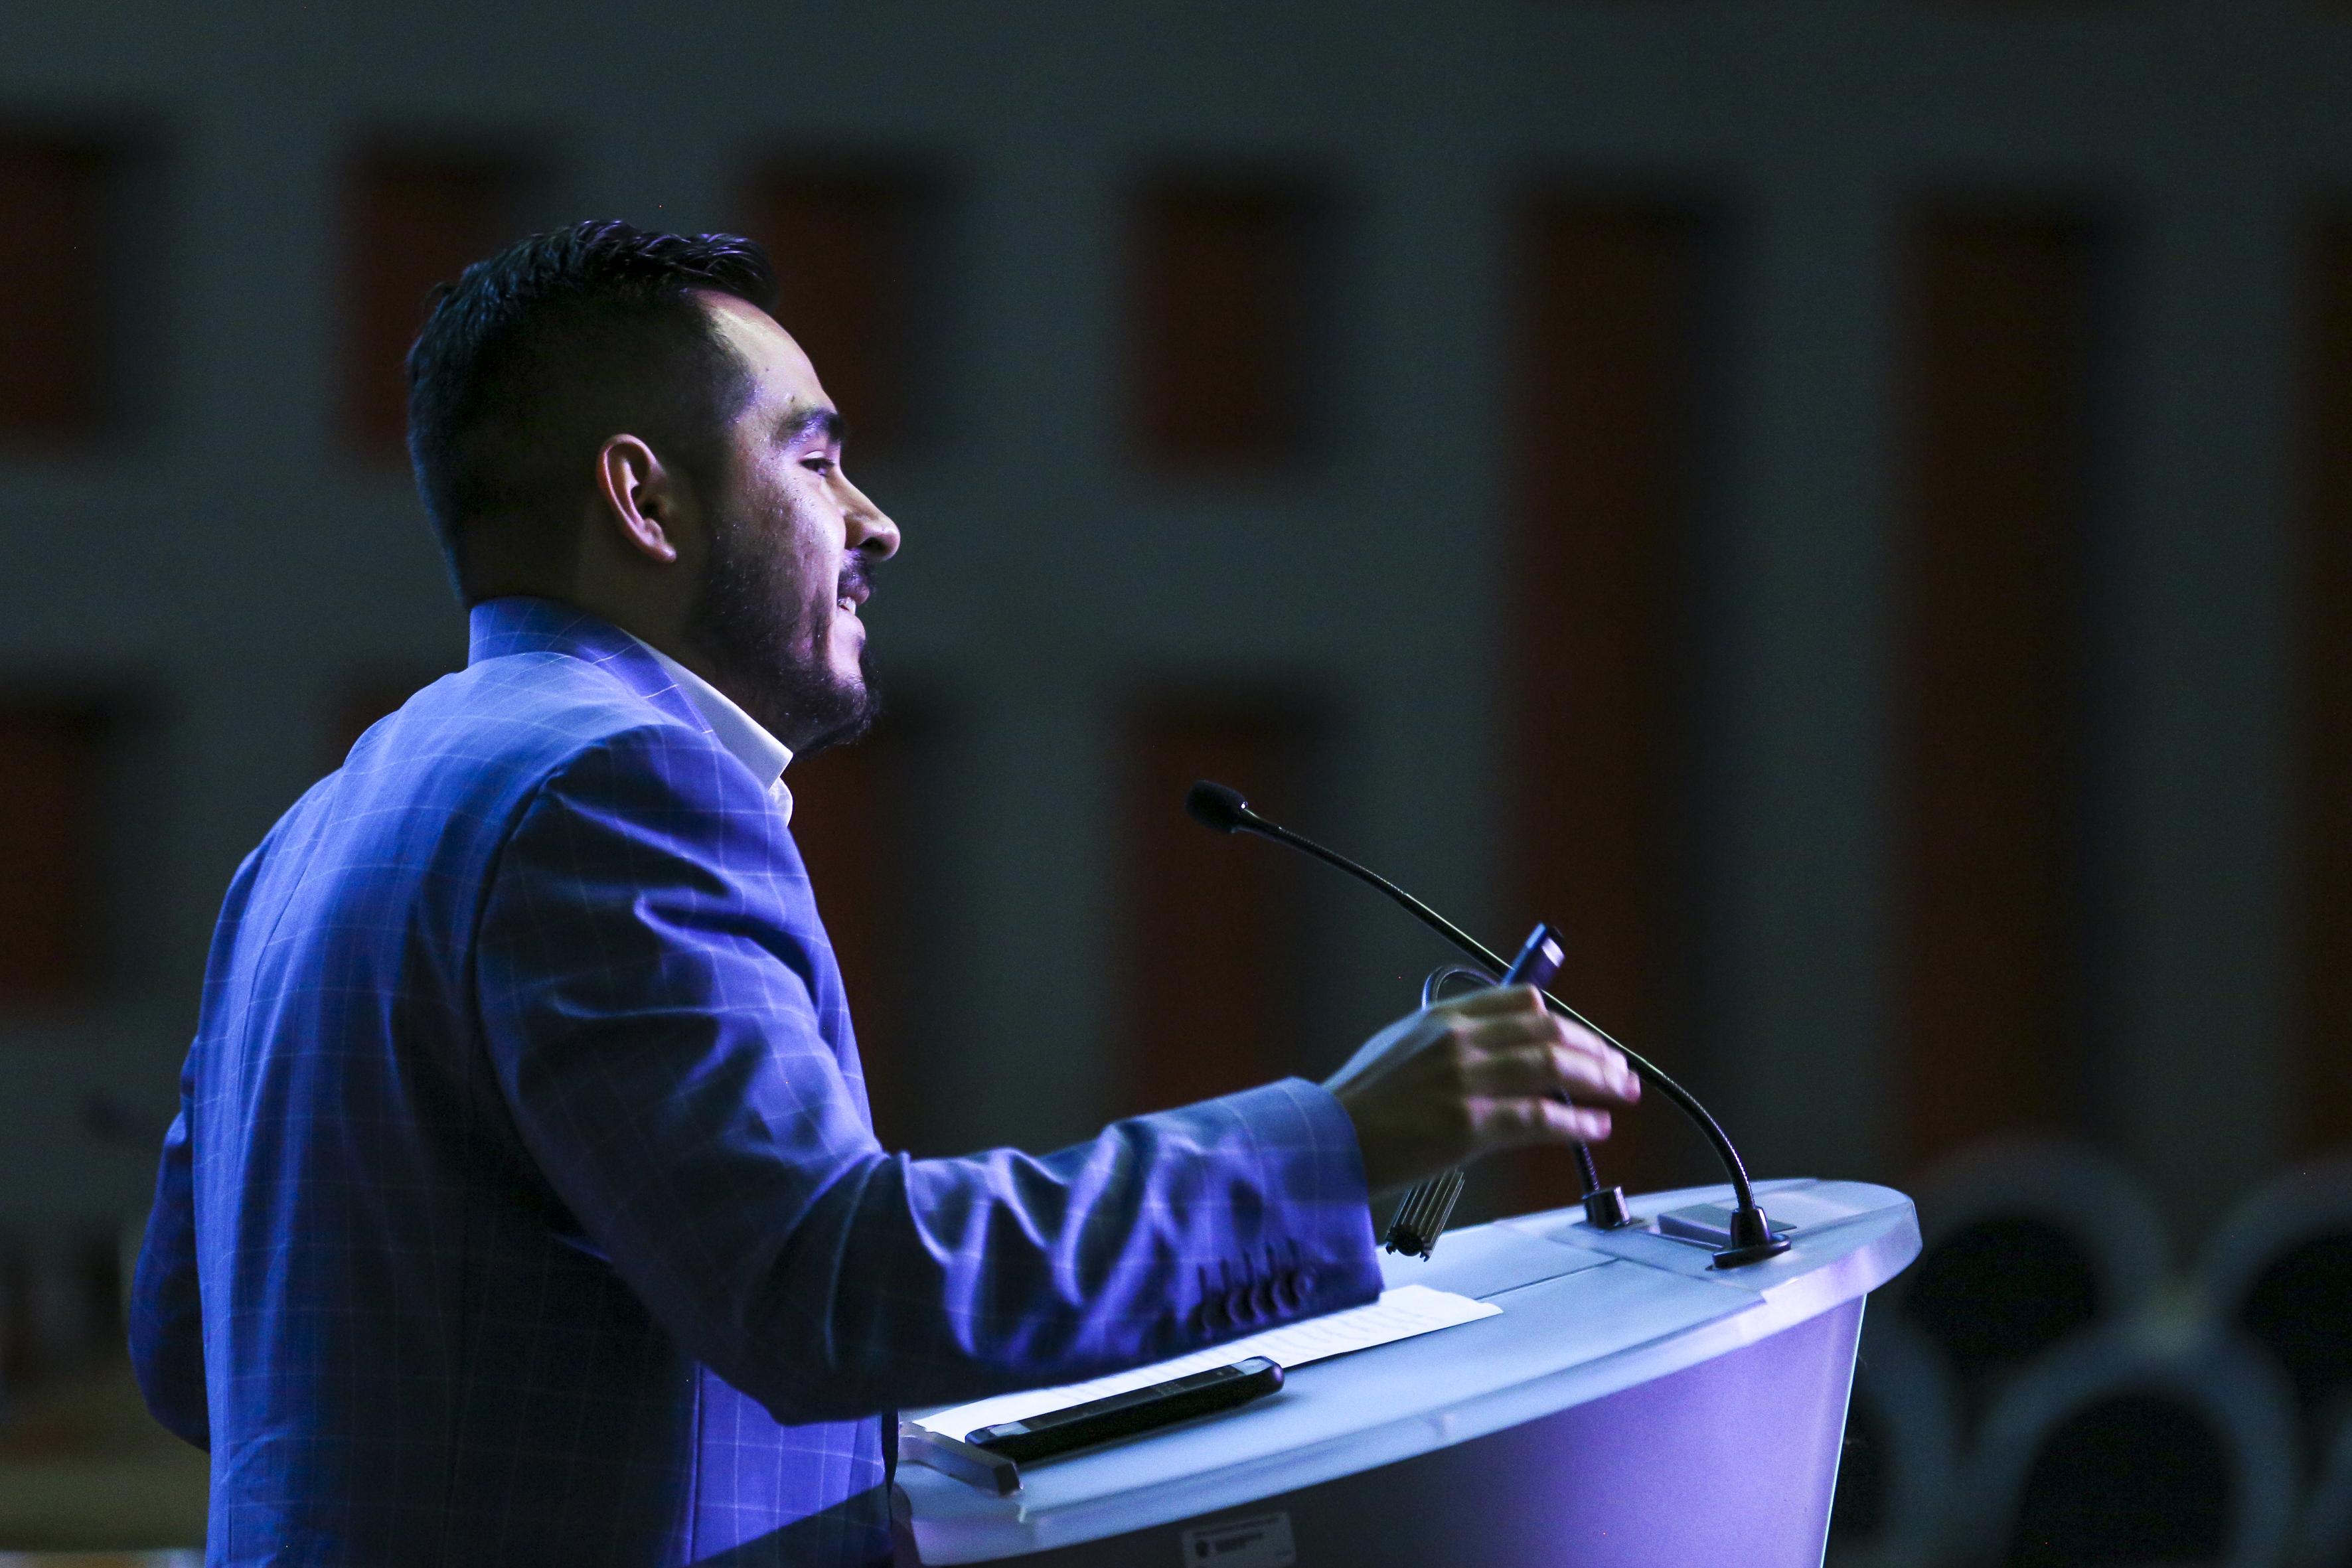 Conferencista en podium, toma de perfil